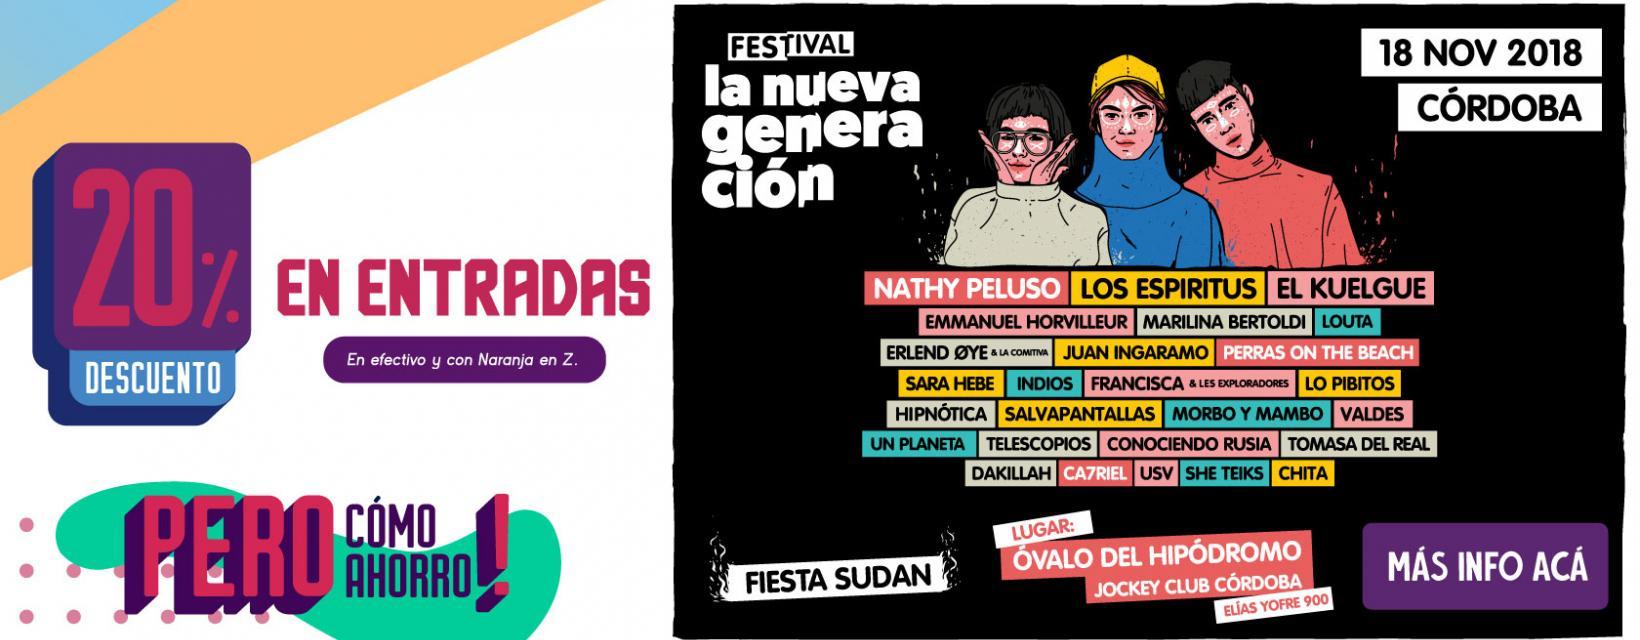 Festival La Nueva Generacion BANNER